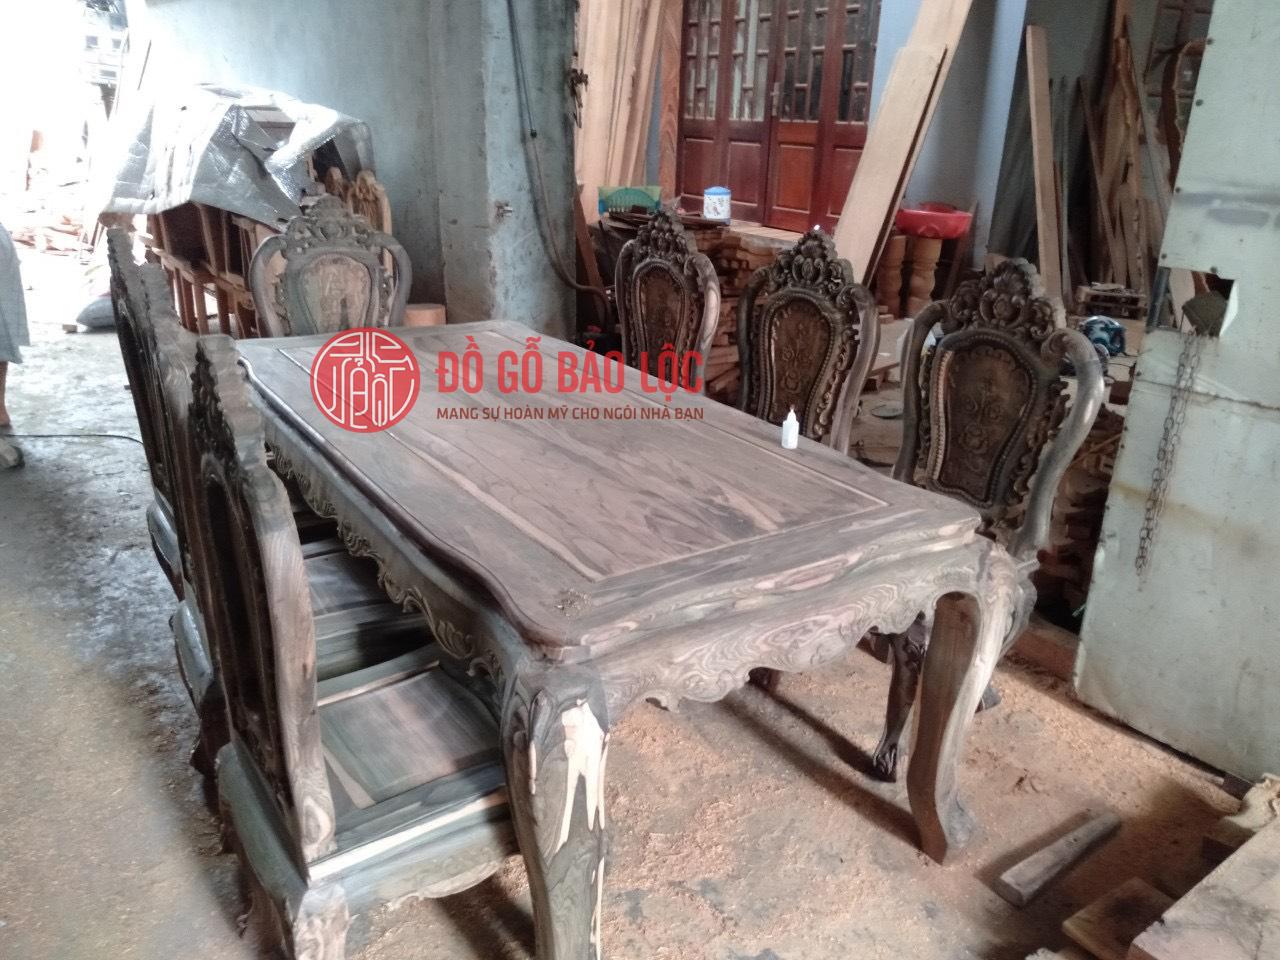 Bộ Ghế Ăn Luois Hoa Hồng Gỗ Mun Lào